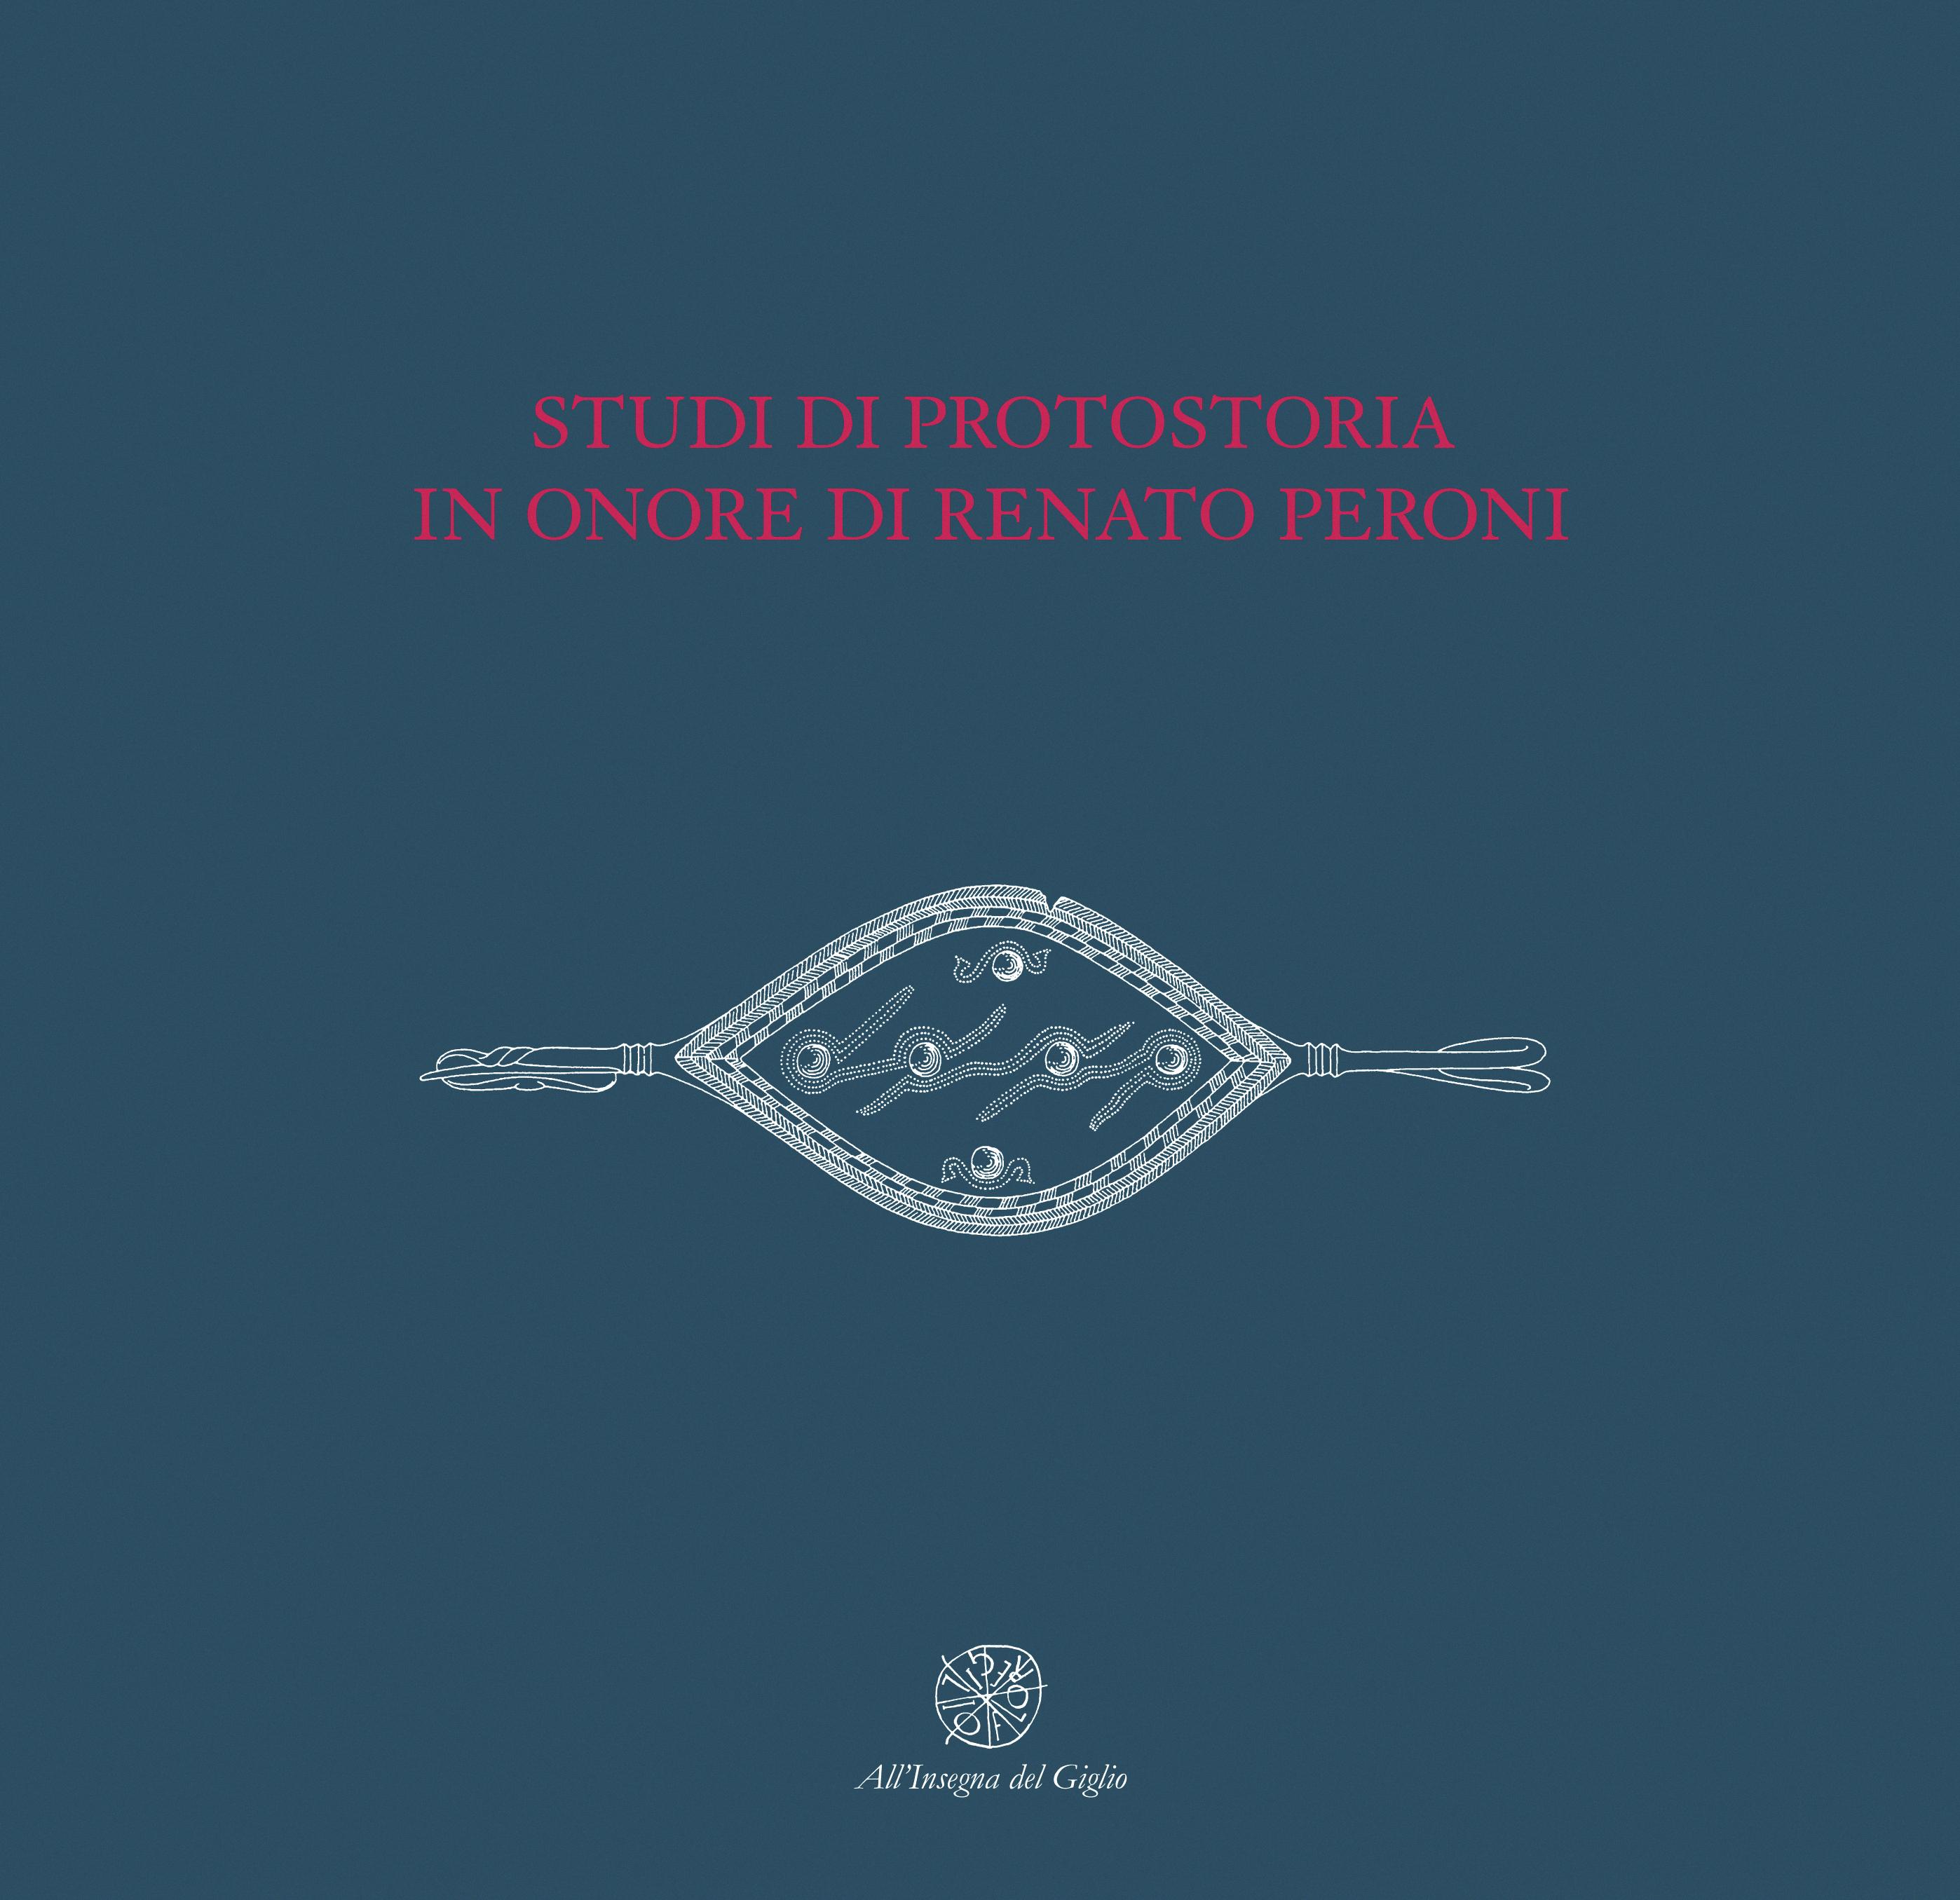 Studi di protostoria in onore di Renato Peroni